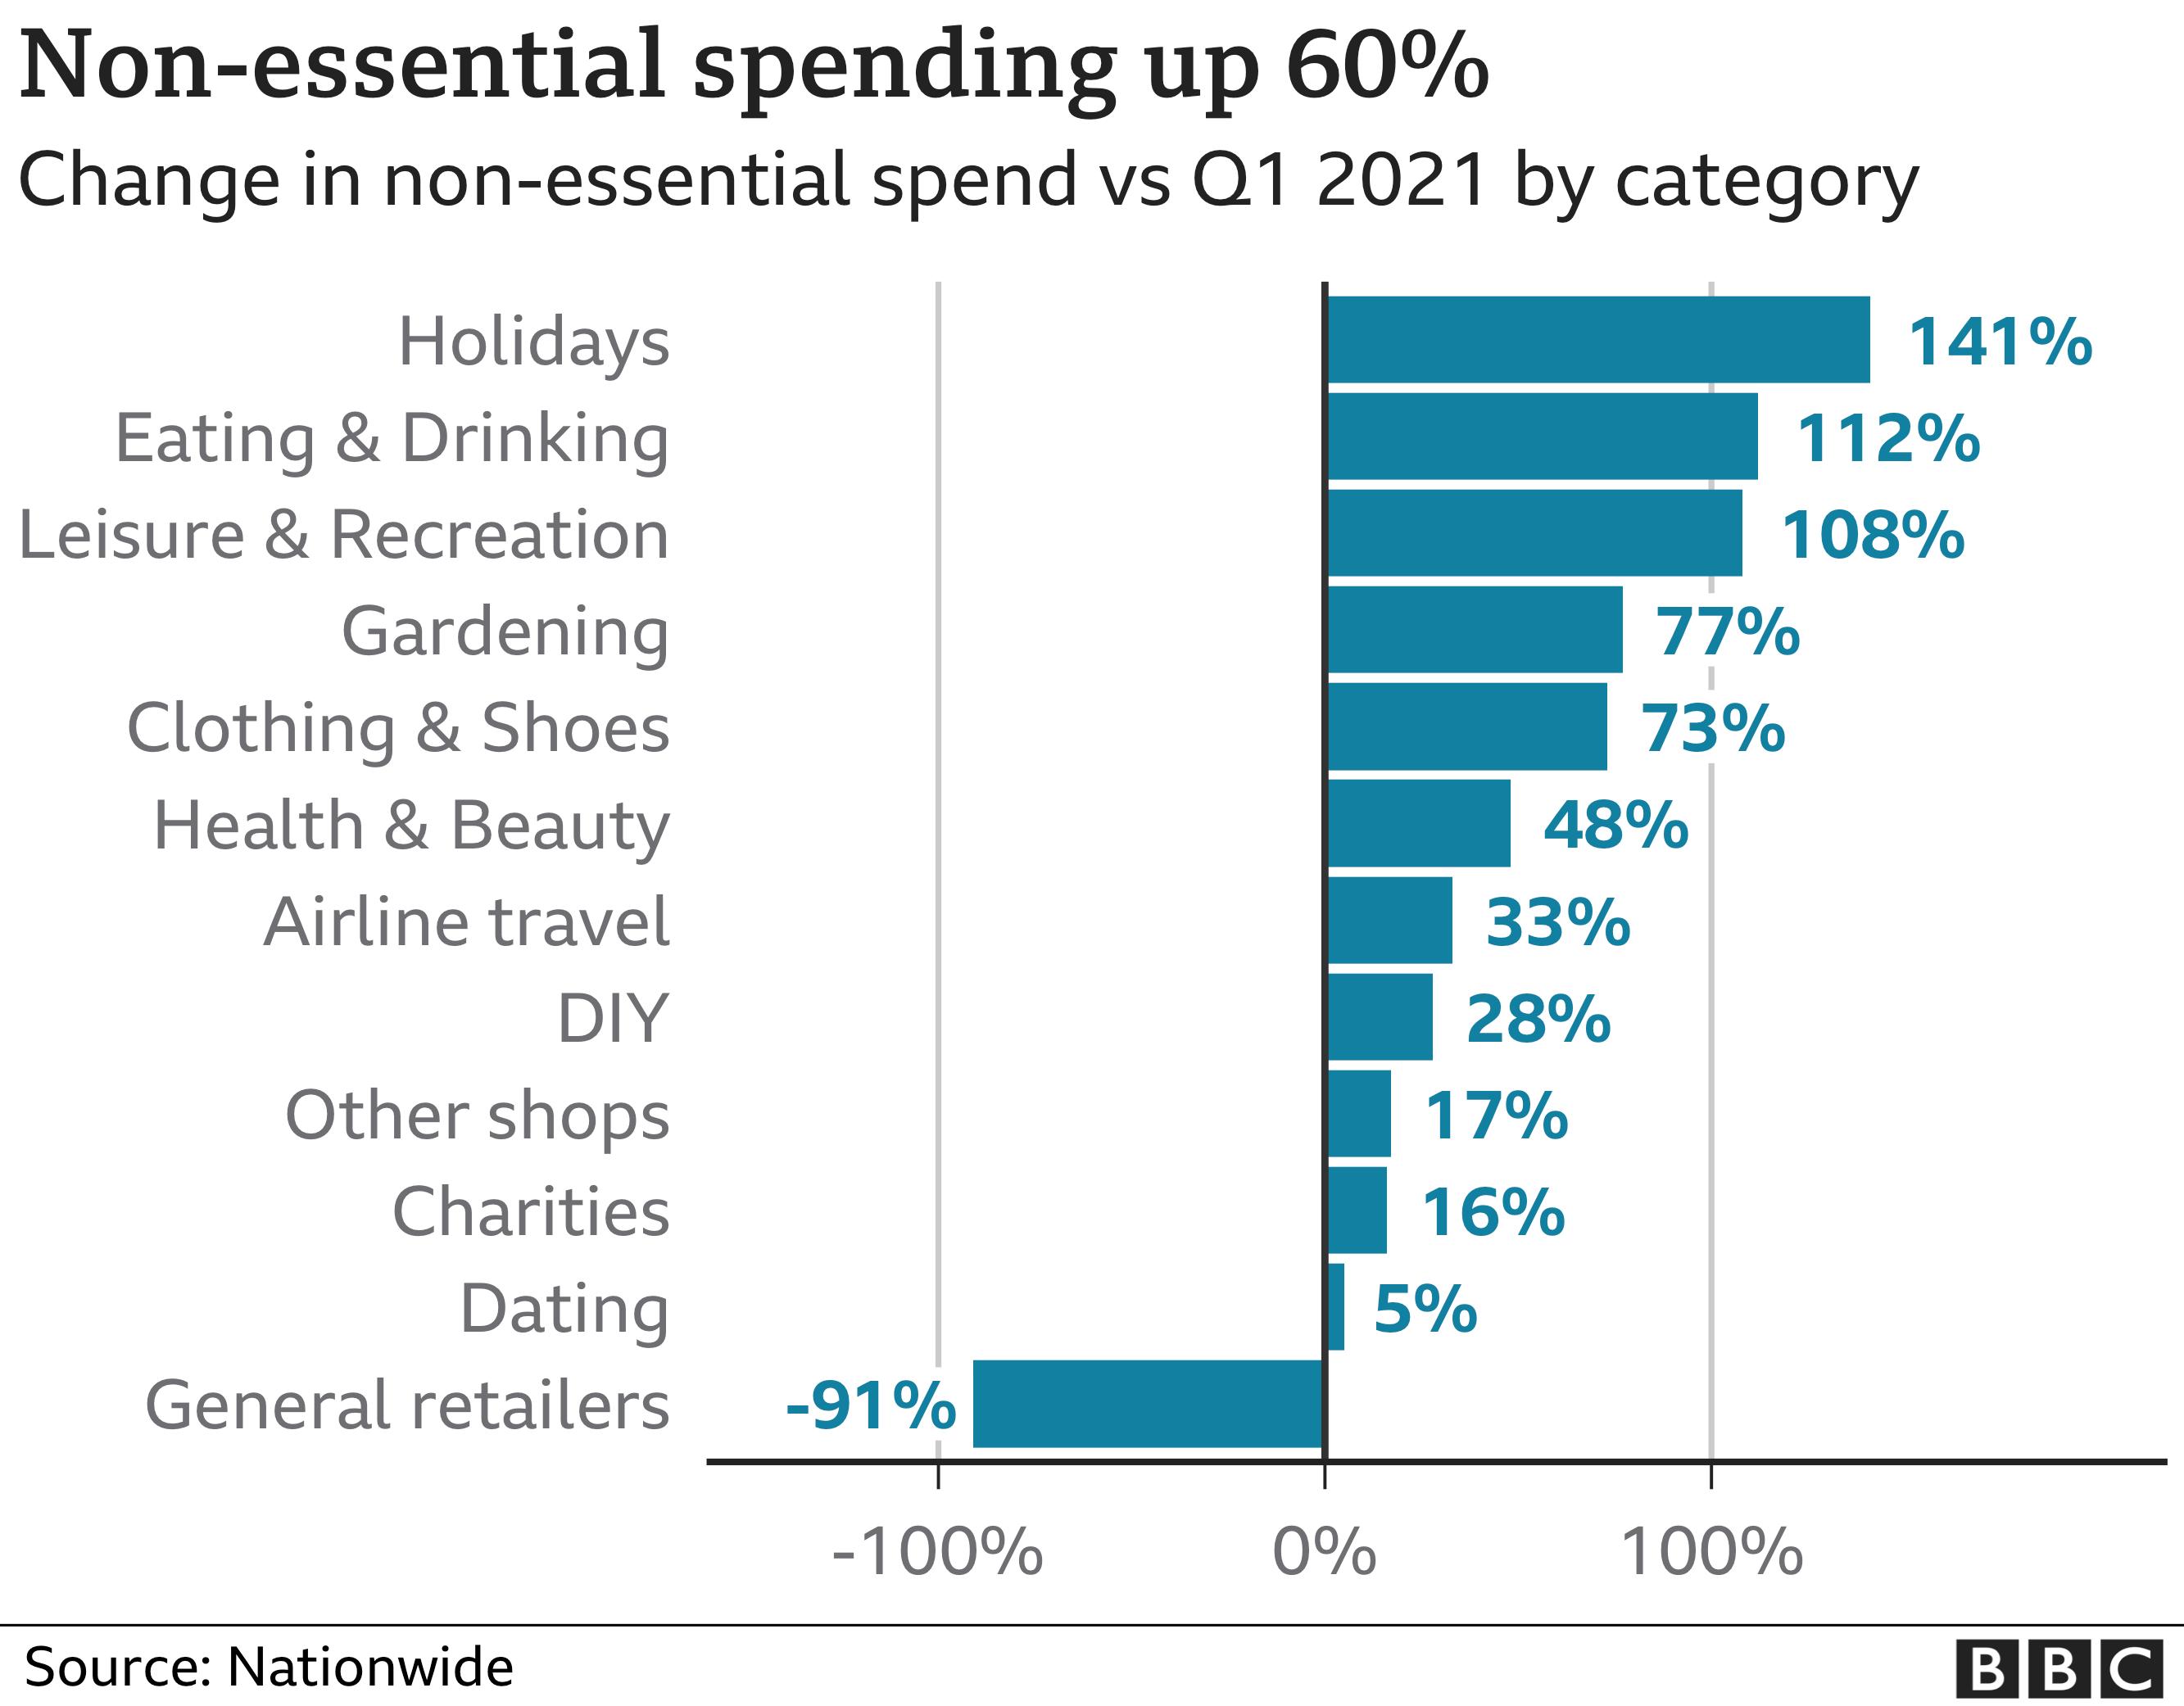 Non-essential spending